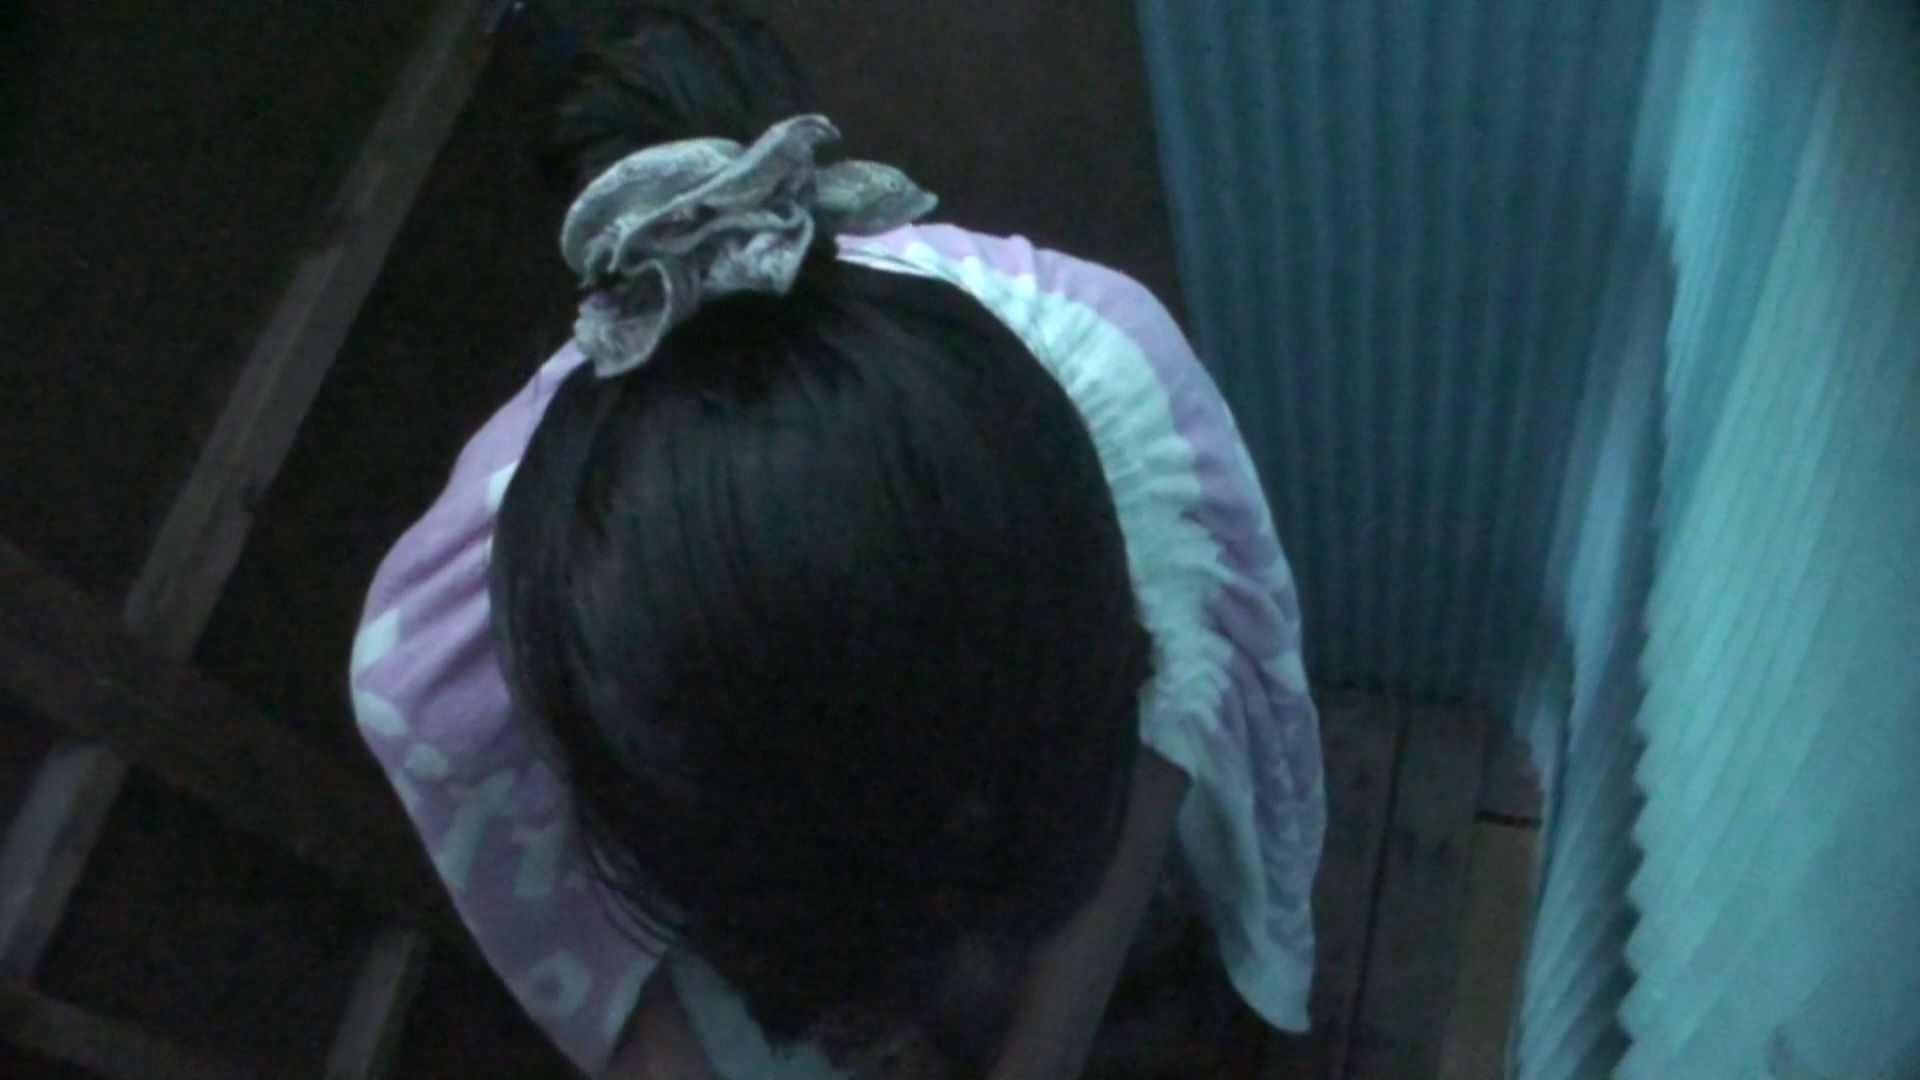 シャワールームは超!!危険な香りVol.26 大学生風美形ギャル 暗さが残念! ギャルのエロ動画  95画像 52